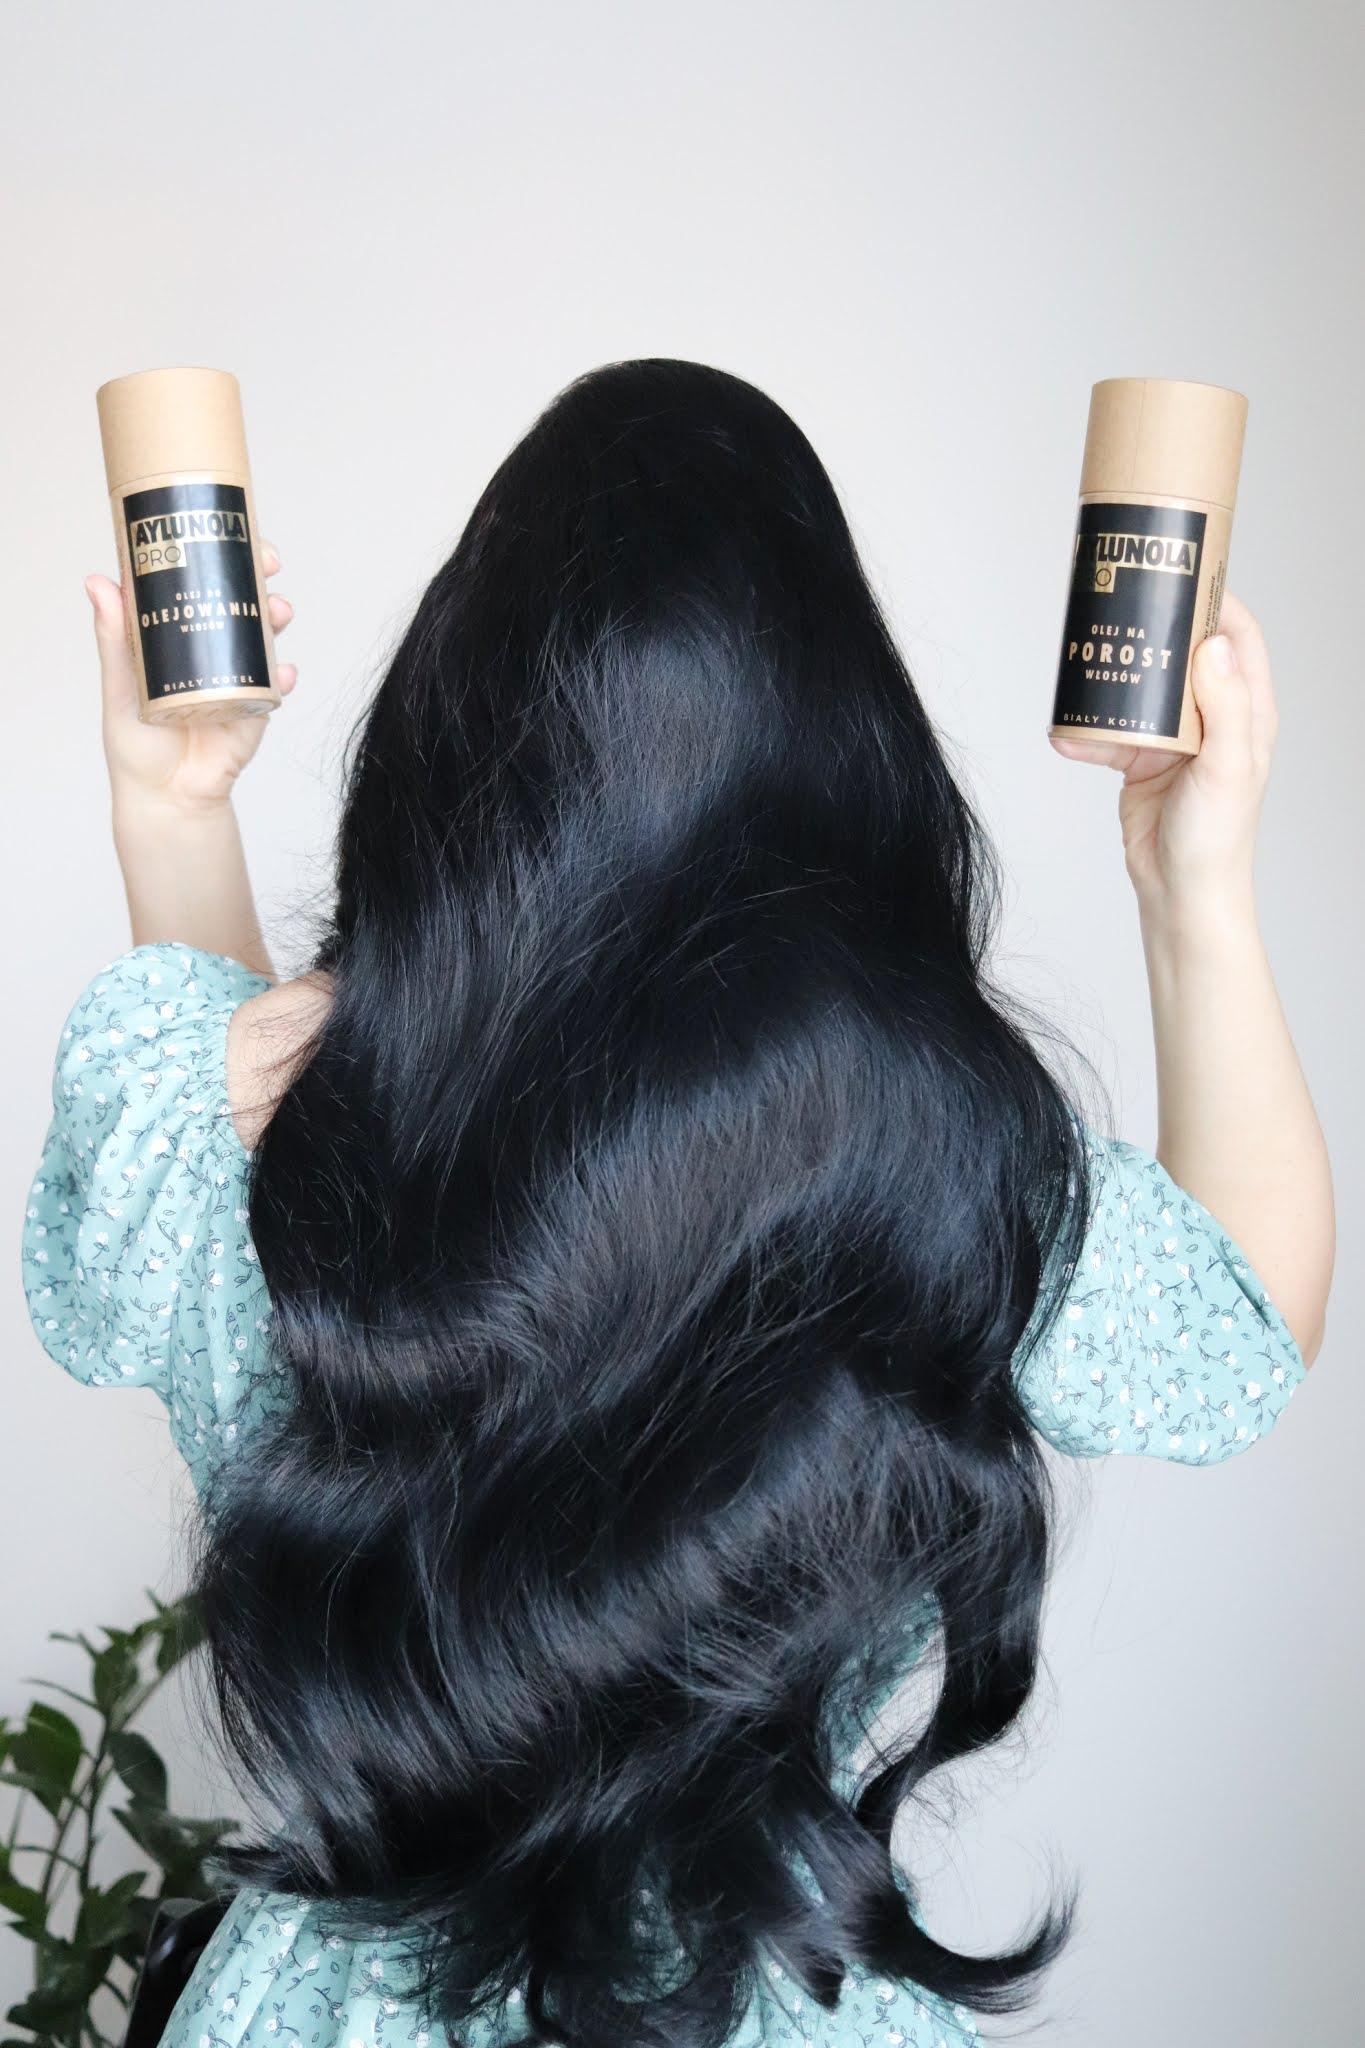 Olejki do włosów Aylunola Biały Koteł